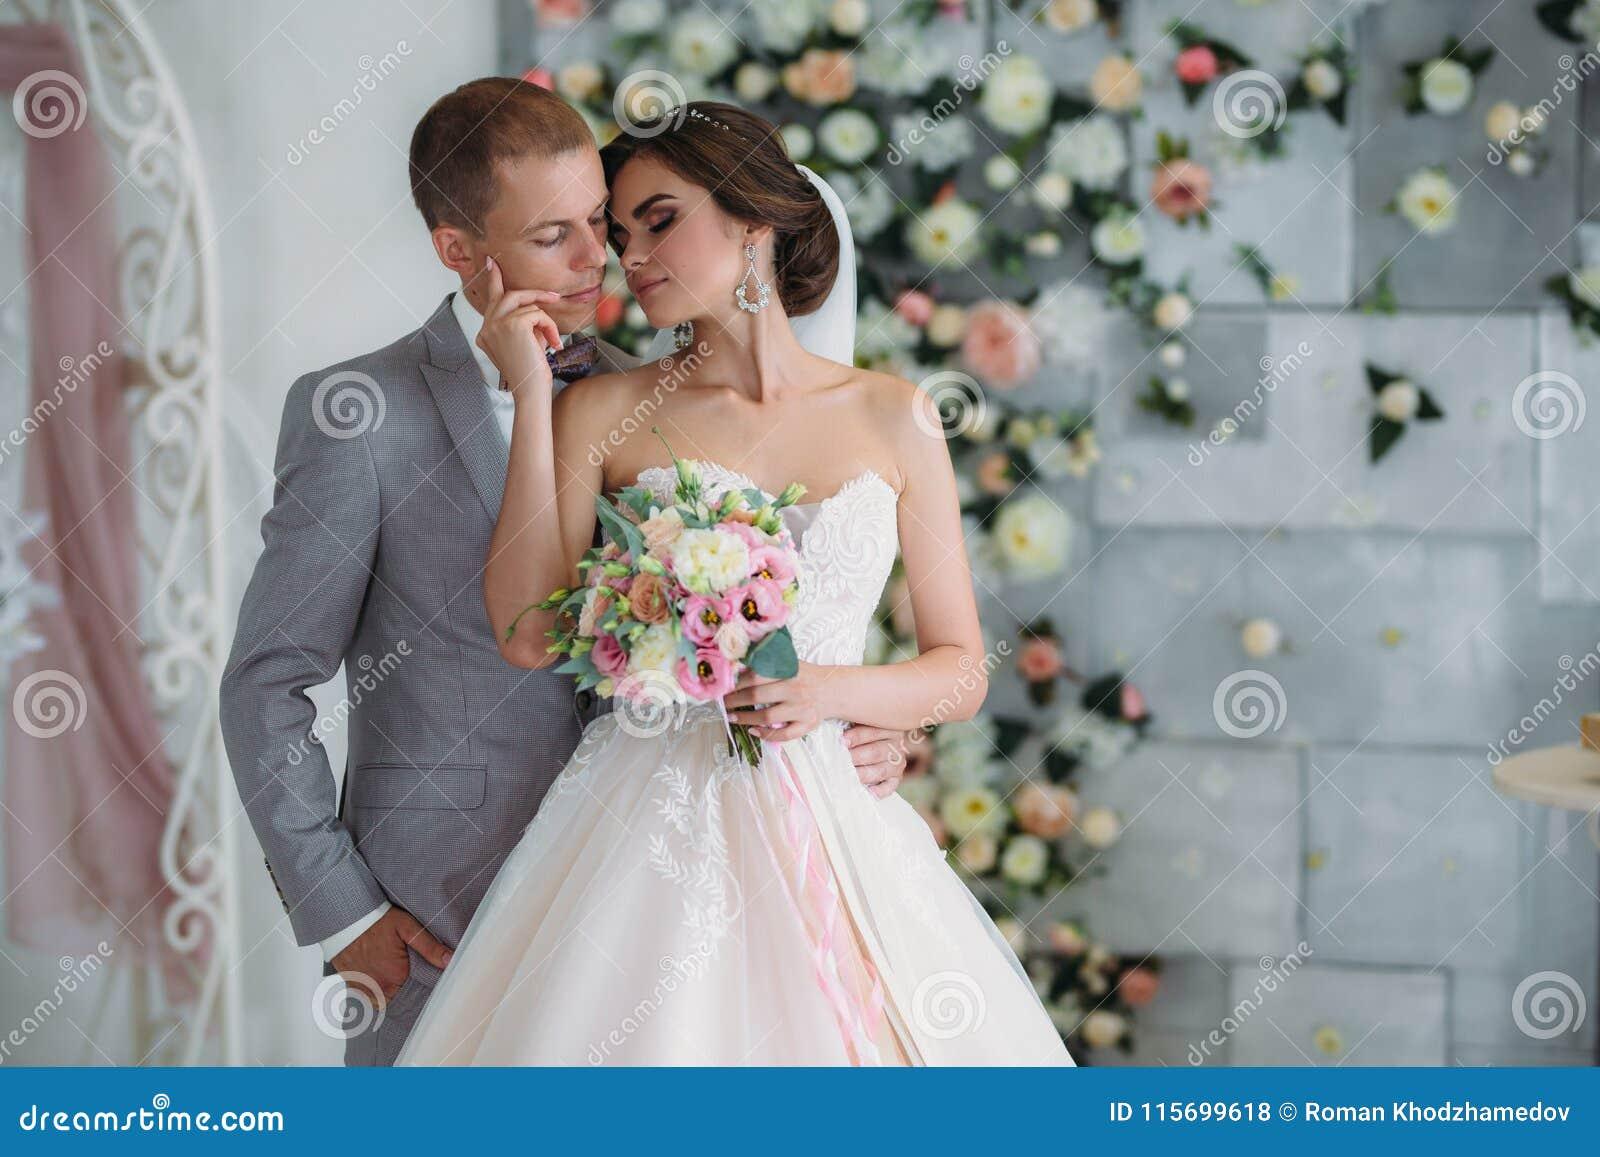 6e9eaf1997a2 Härliga brölloppar som kramar i ljus studio Brudgummen i en affärsgrå färg  passar, en vit skjorta i en fluga och en knapphål, en brud i en lyxig  klänning ...